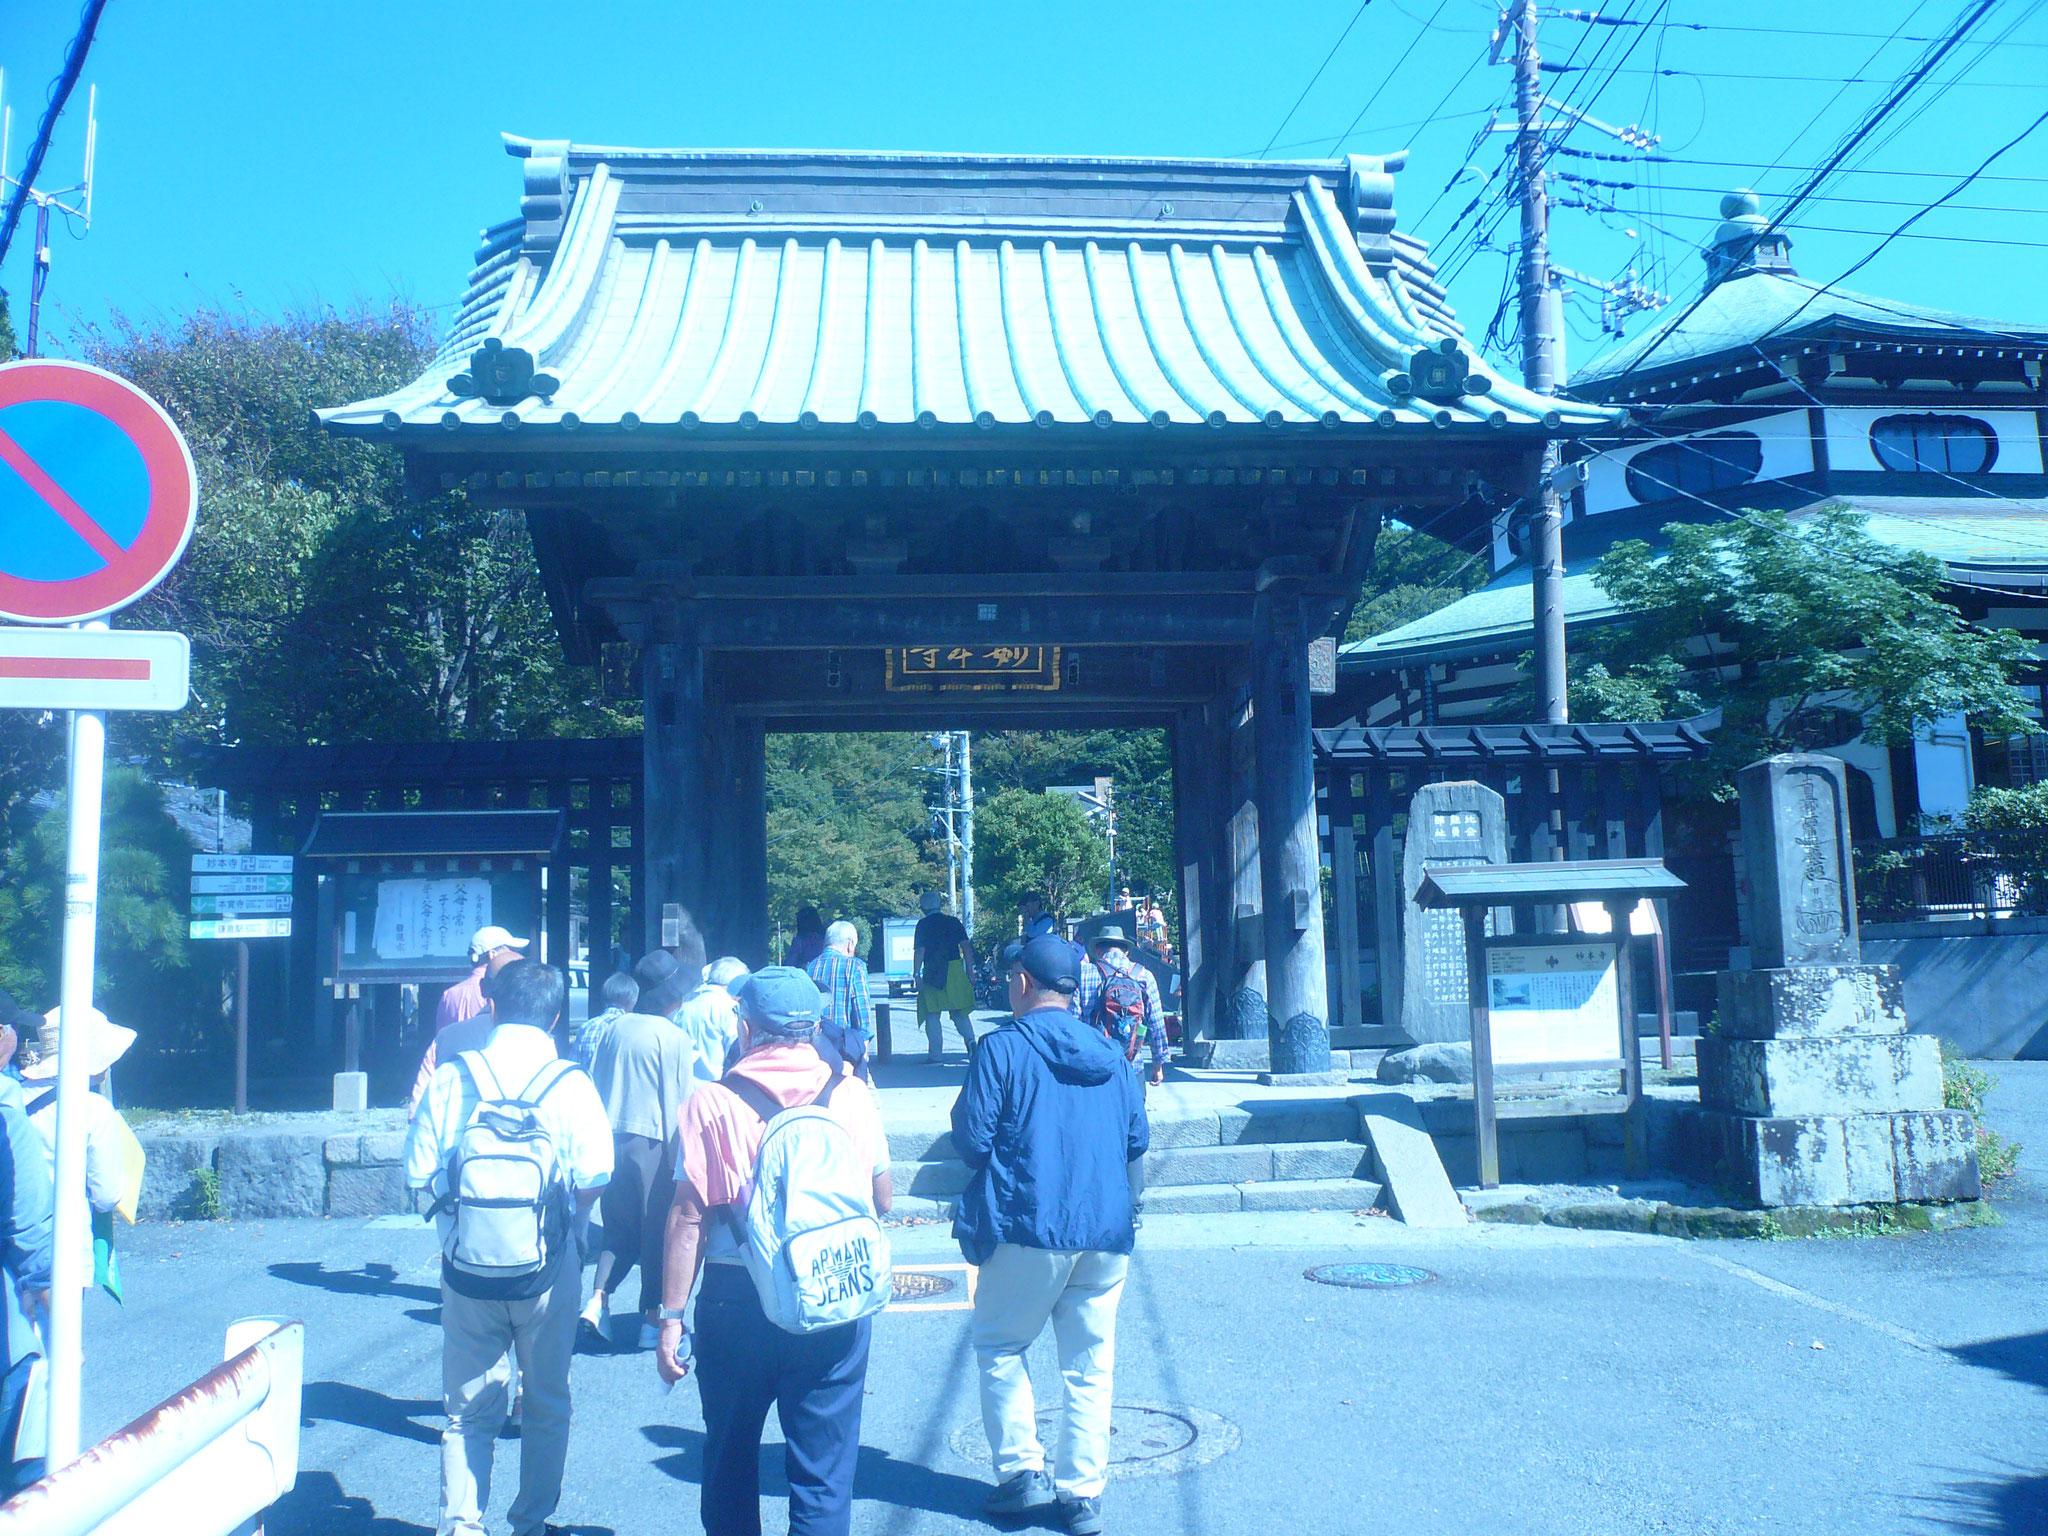 鎌倉駅から10分ほどで妙本寺につく